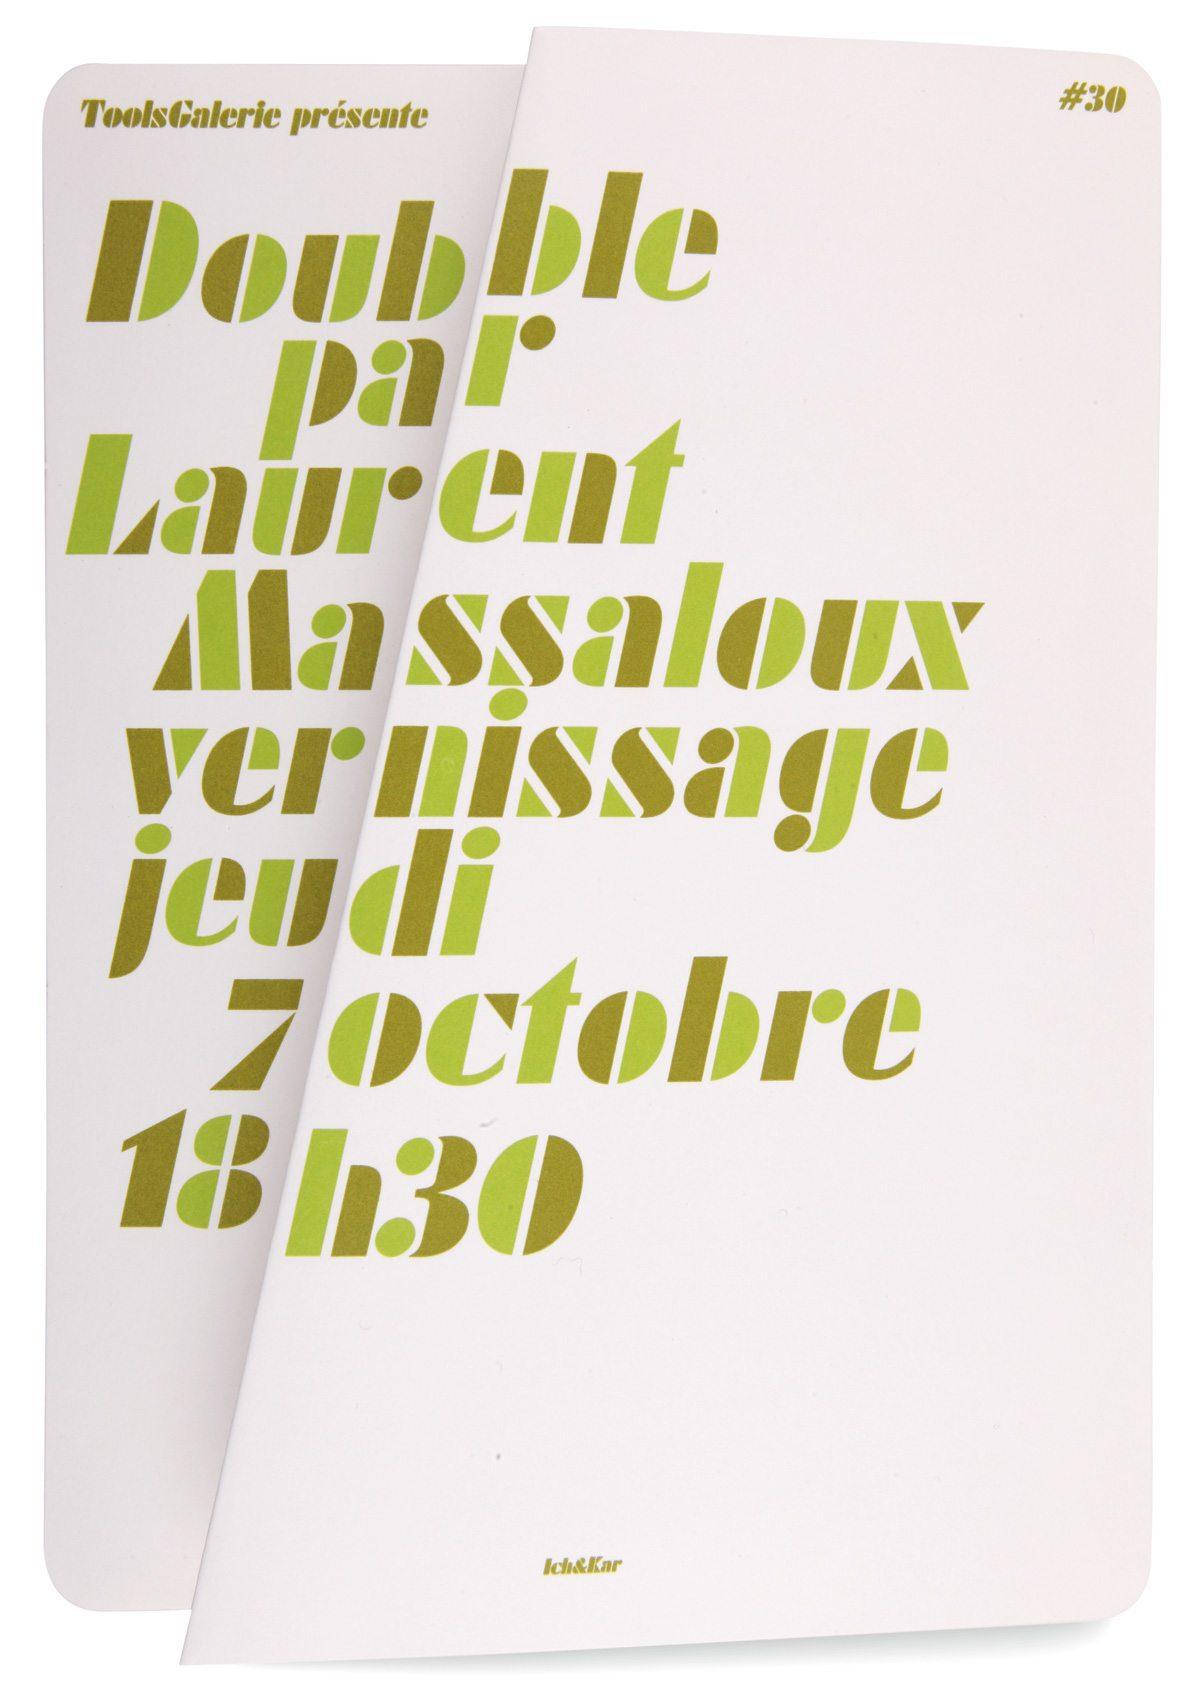 Carton d'invitation fermé pour l'exposition Double de Laurent Massaloux à la ToolsGalerie. Pliage en référence à l'ouvre, design Ichetkar